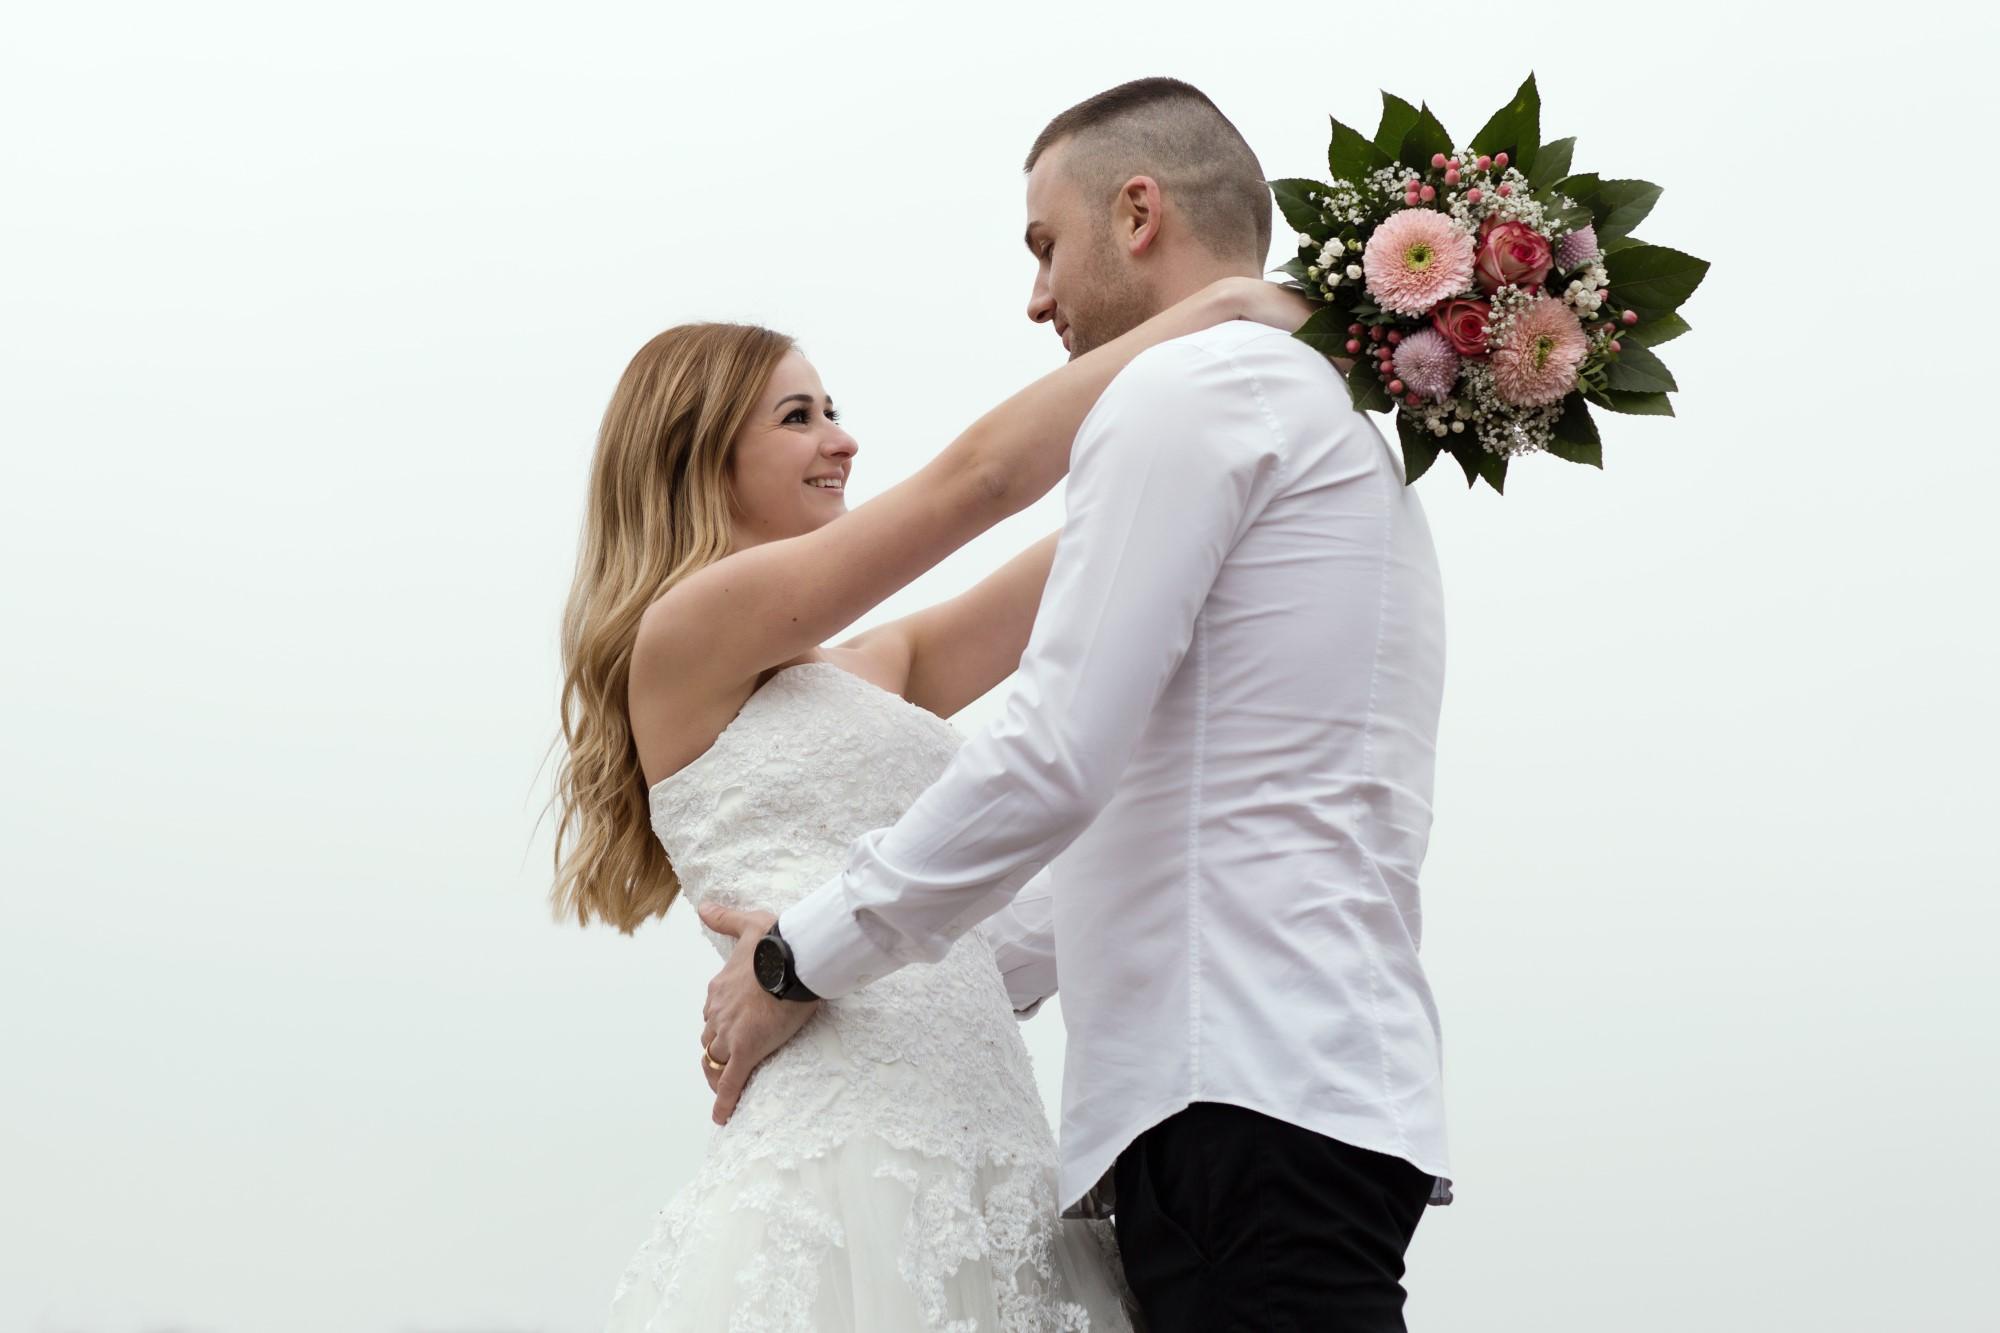 Romantisches Brautpaar Fotoshooting mit schönem Brautstrauss